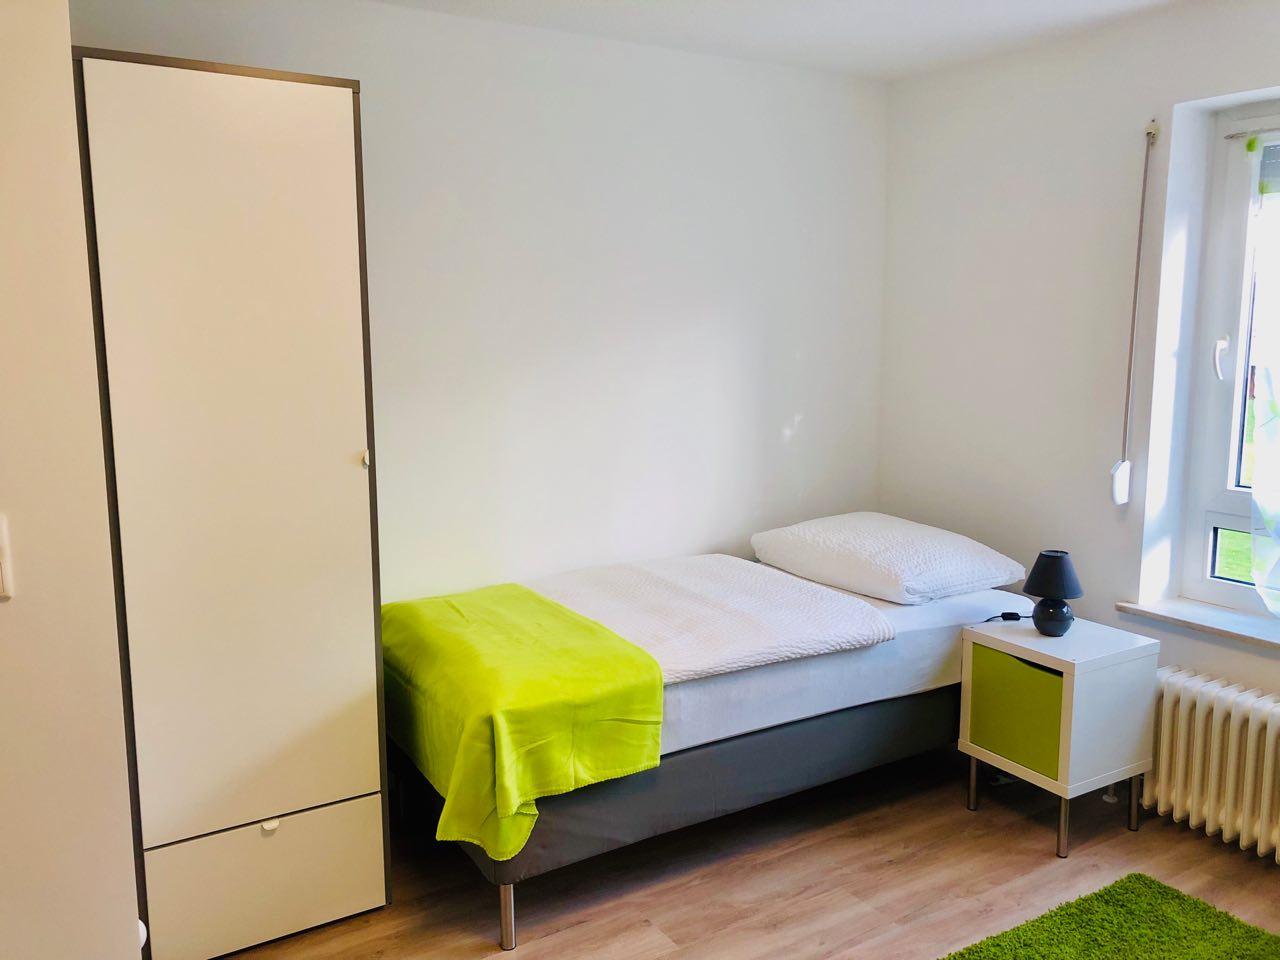 Zimmer 2 – Bett mit Schrank